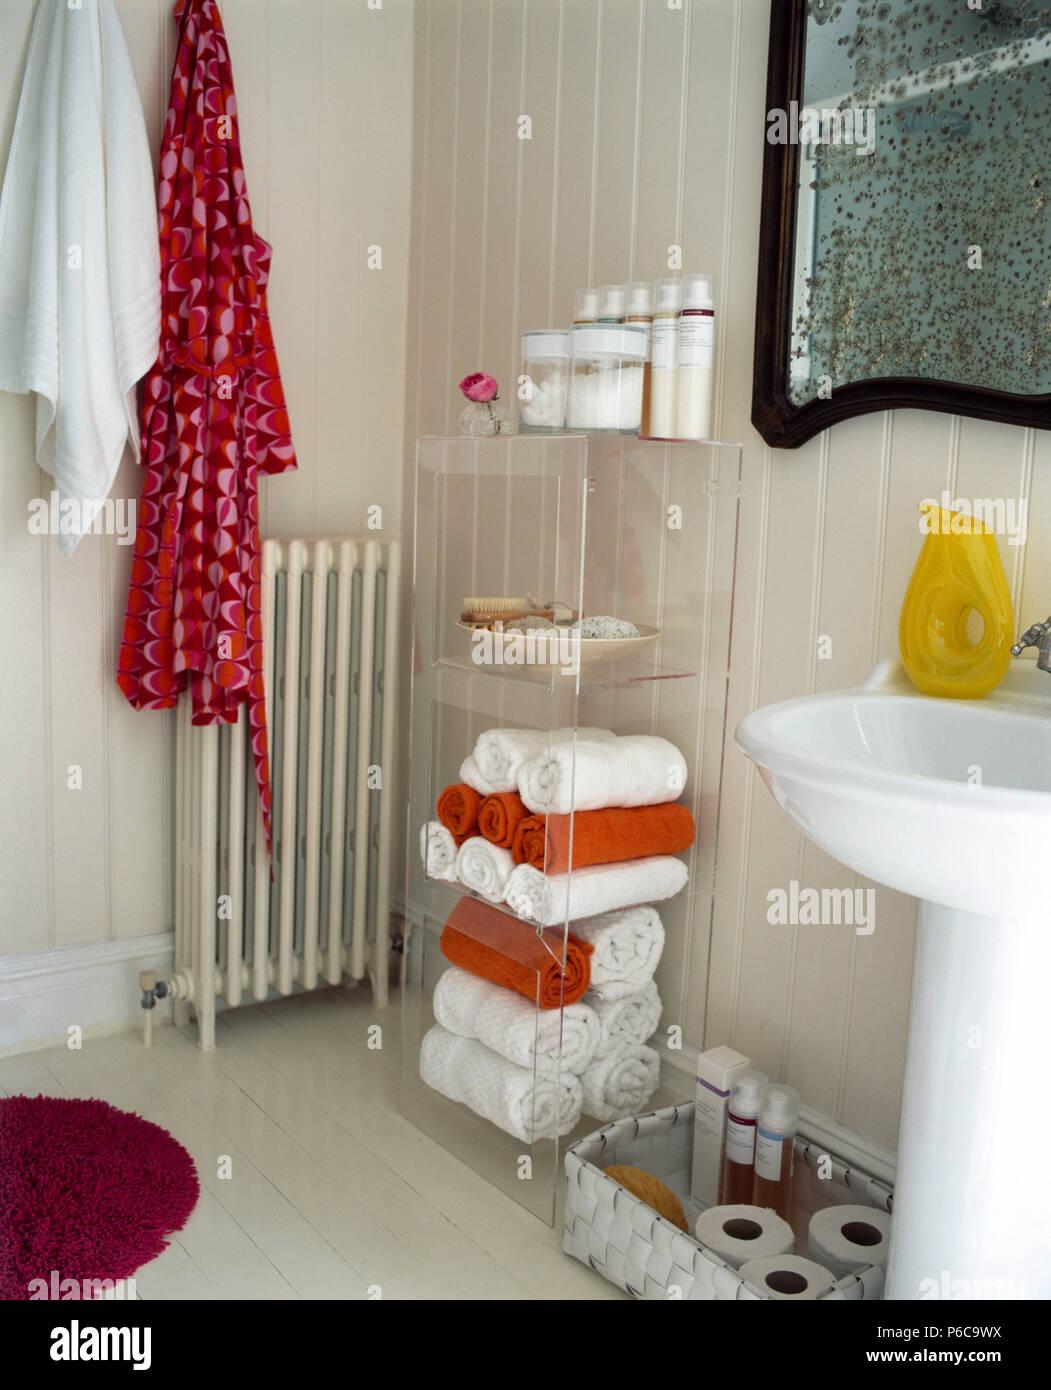 Roten Bademantel und weißen Handtuch auf Wand oberhalb des Kühlers ...